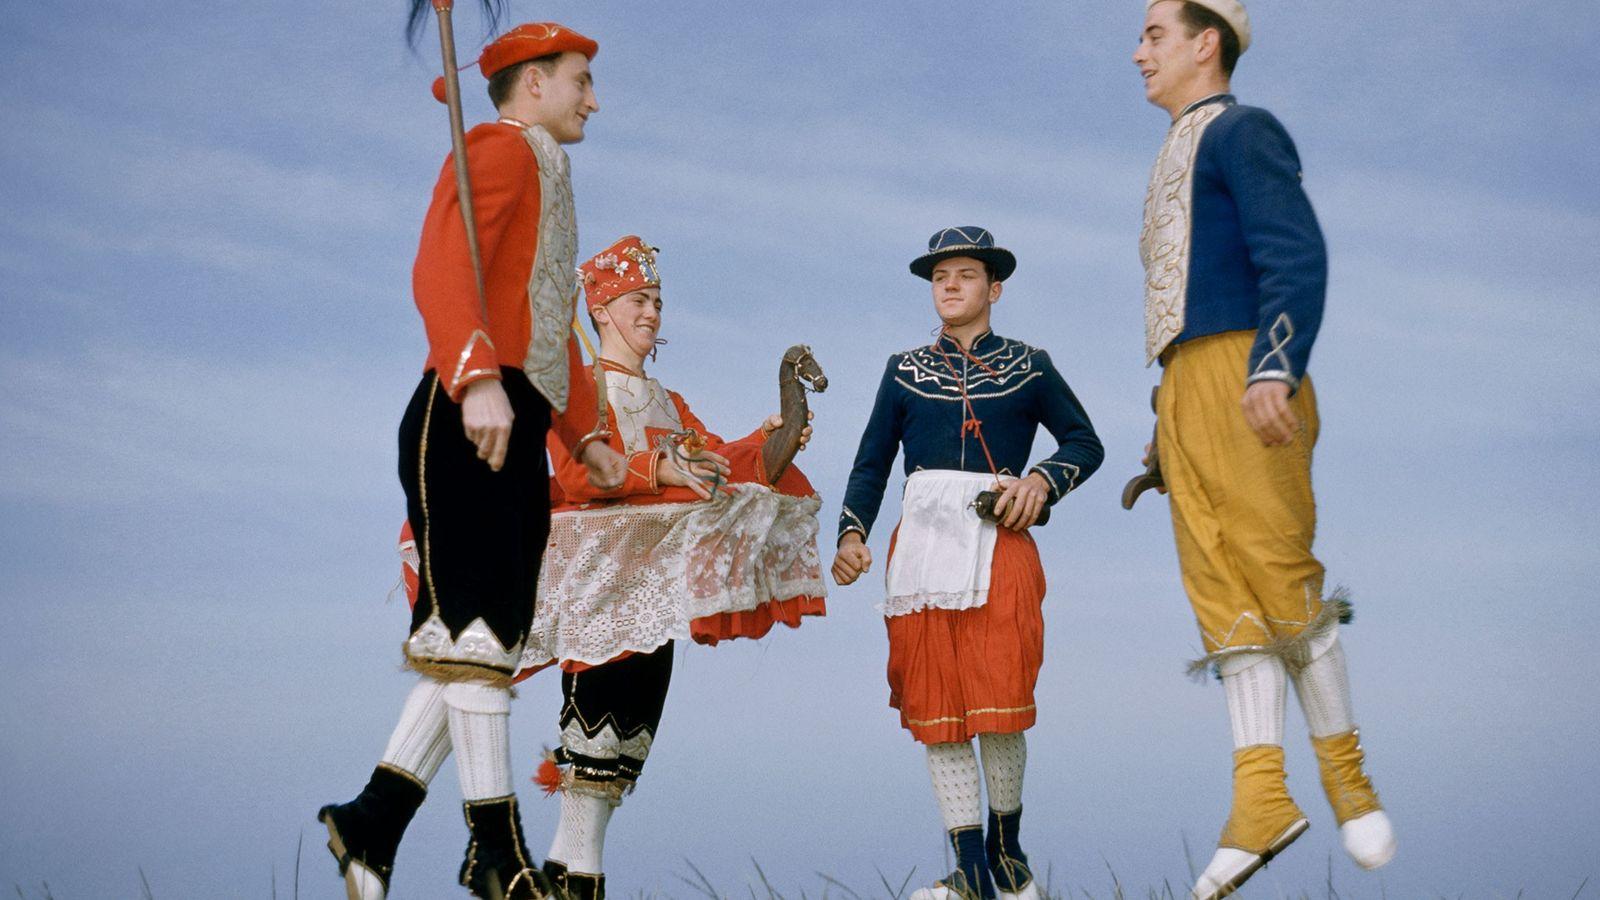 """Bailarines vascos tradicionales en una fotografía de """"National Geographic"""" tomada en la década de 1950."""